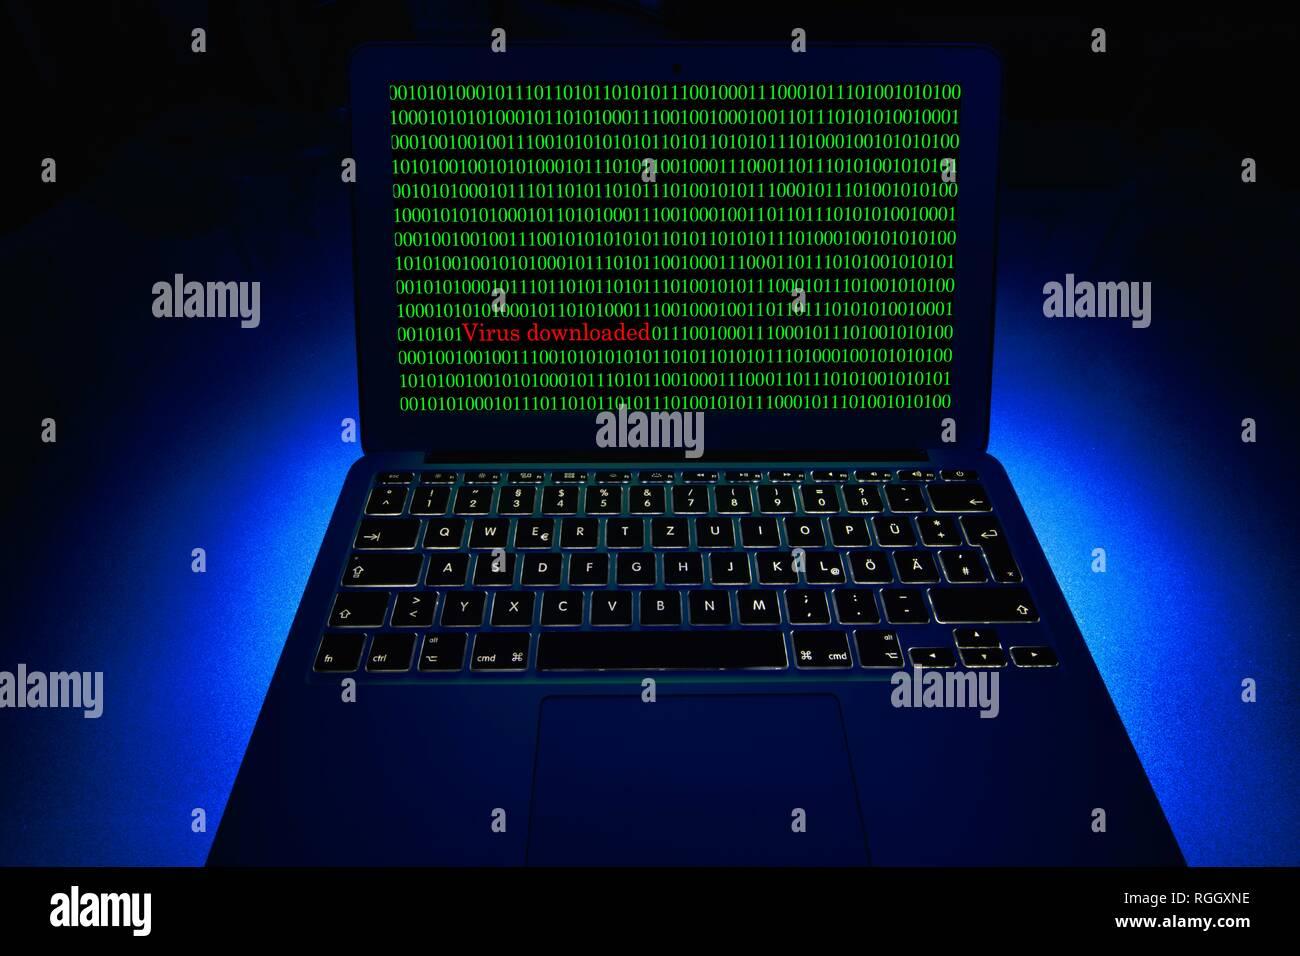 Laptop mit binären Zahlen auf dem Bildschirm. Symbol Bild malware, Virus Alarm, Computerkriminalität, Datenschutz, Baden-Württemberg Stockbild